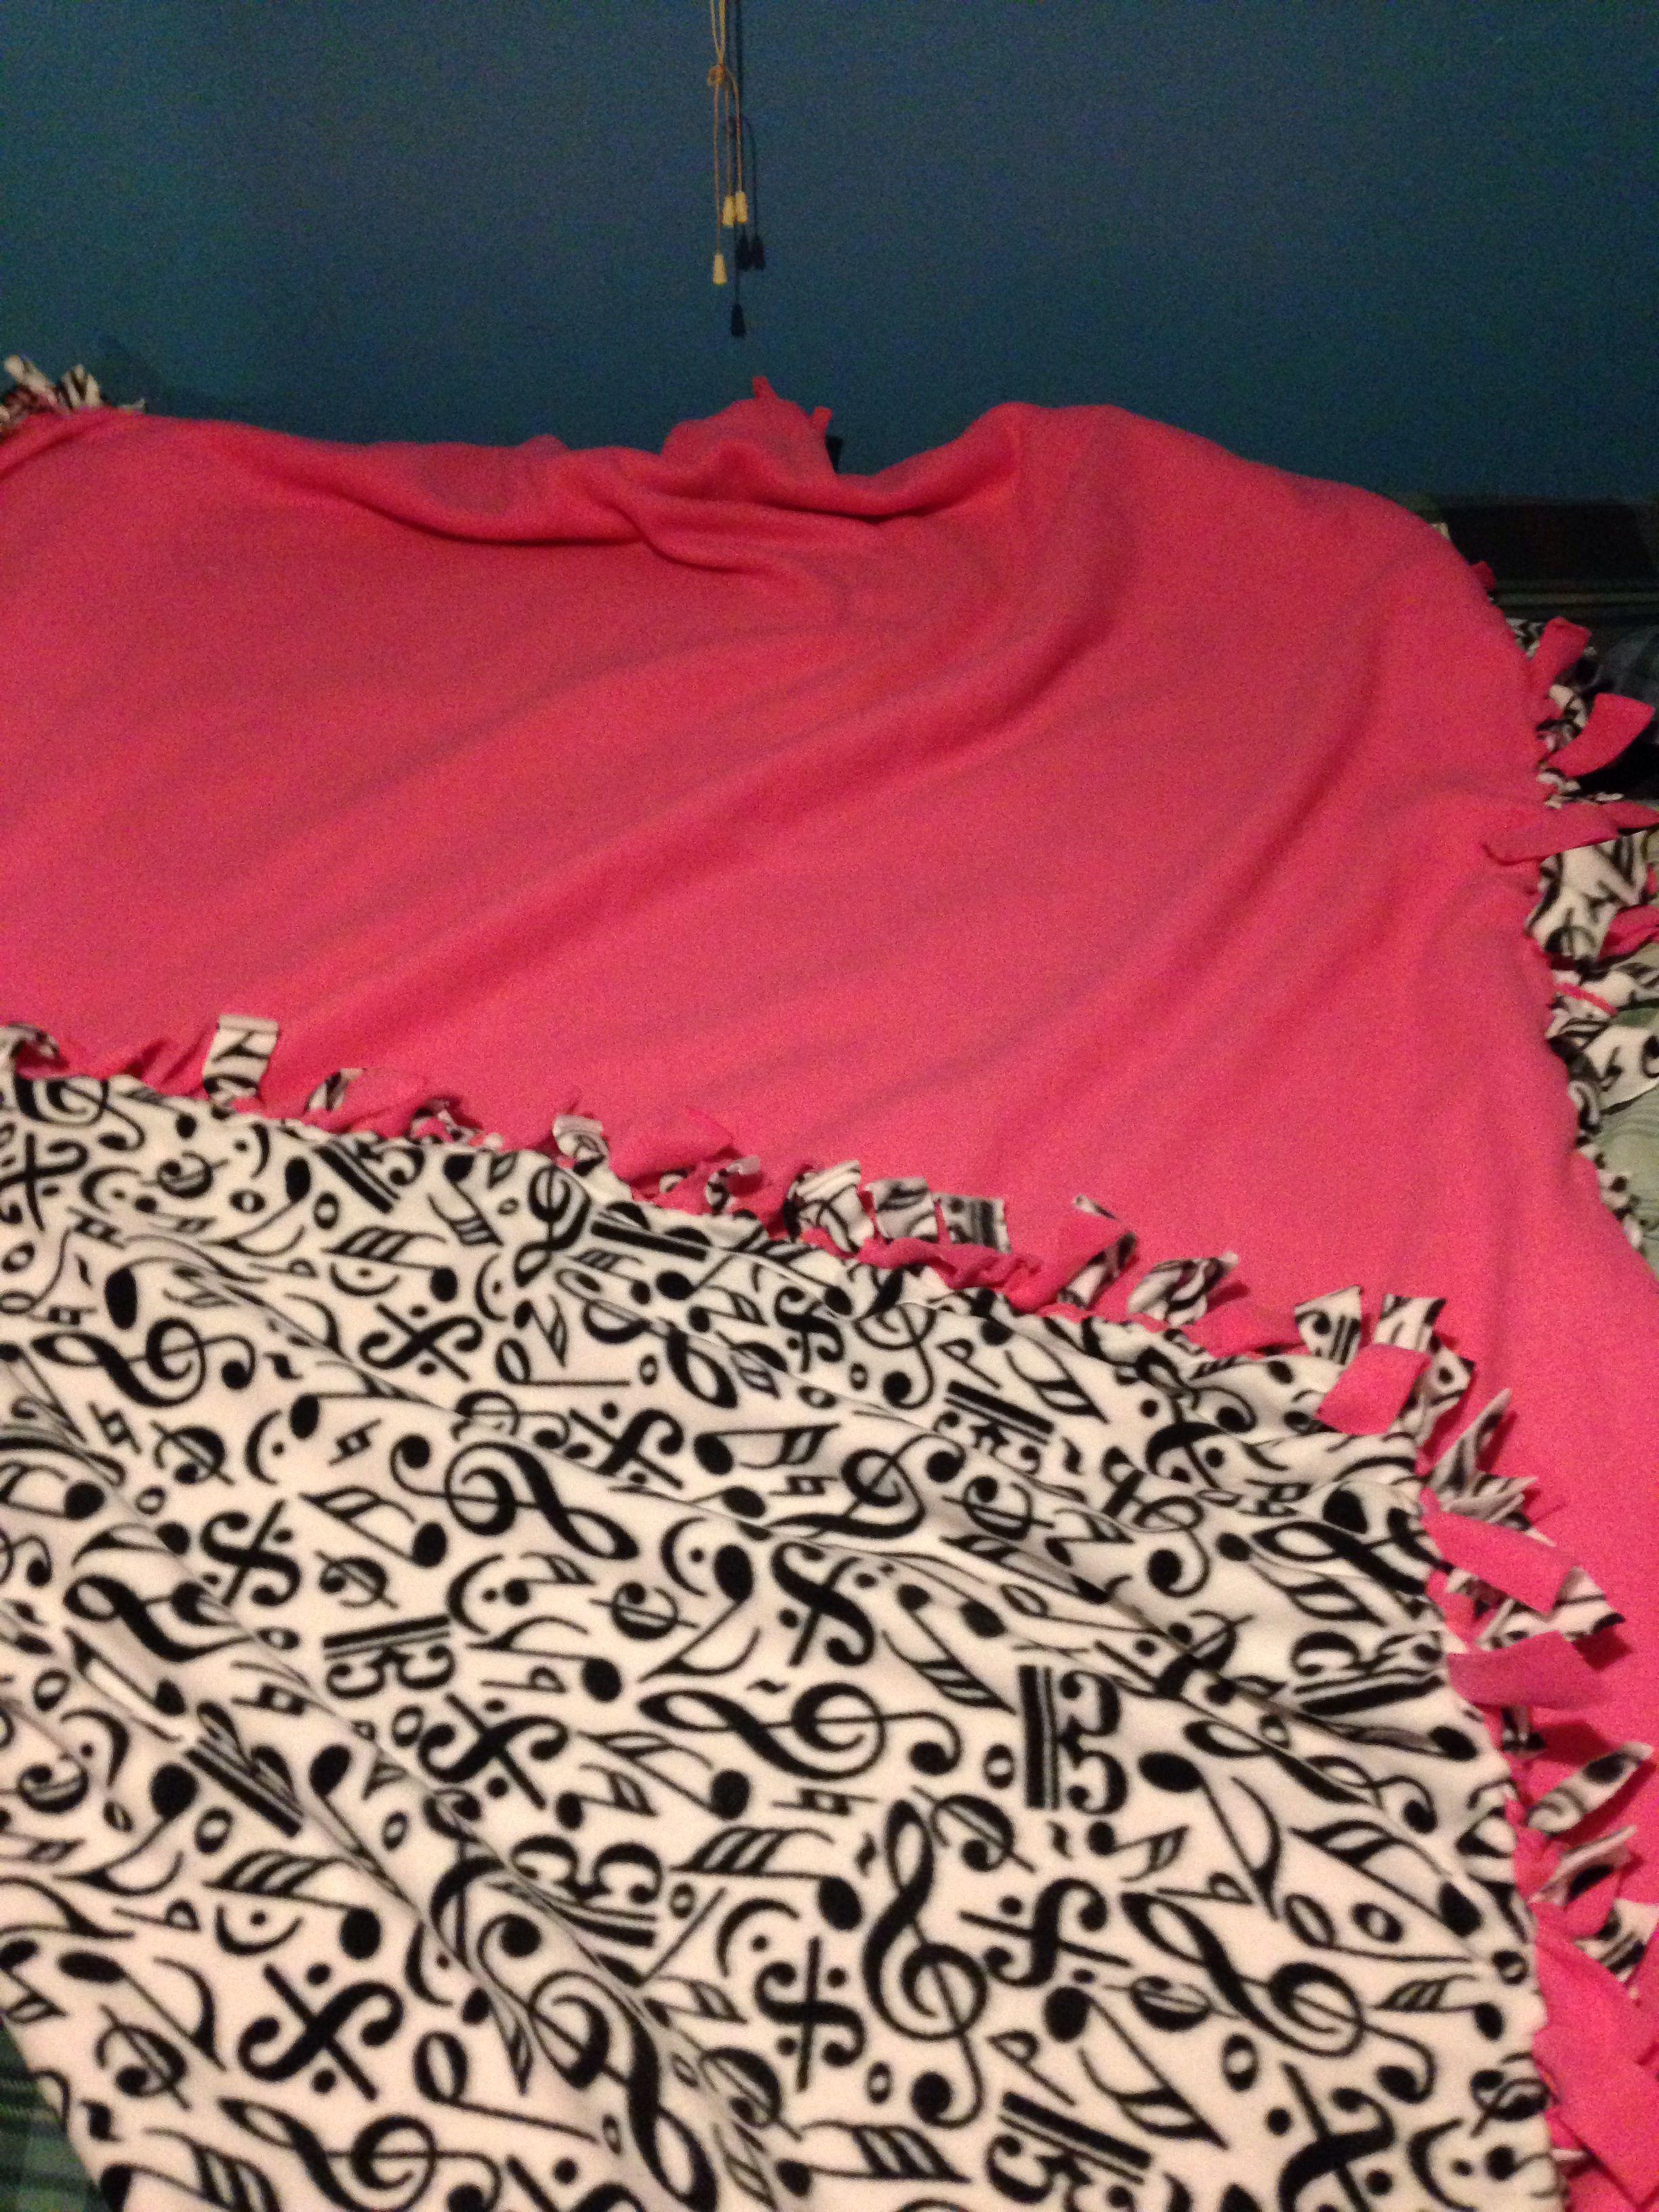 414f9f8e51 Tie blanket